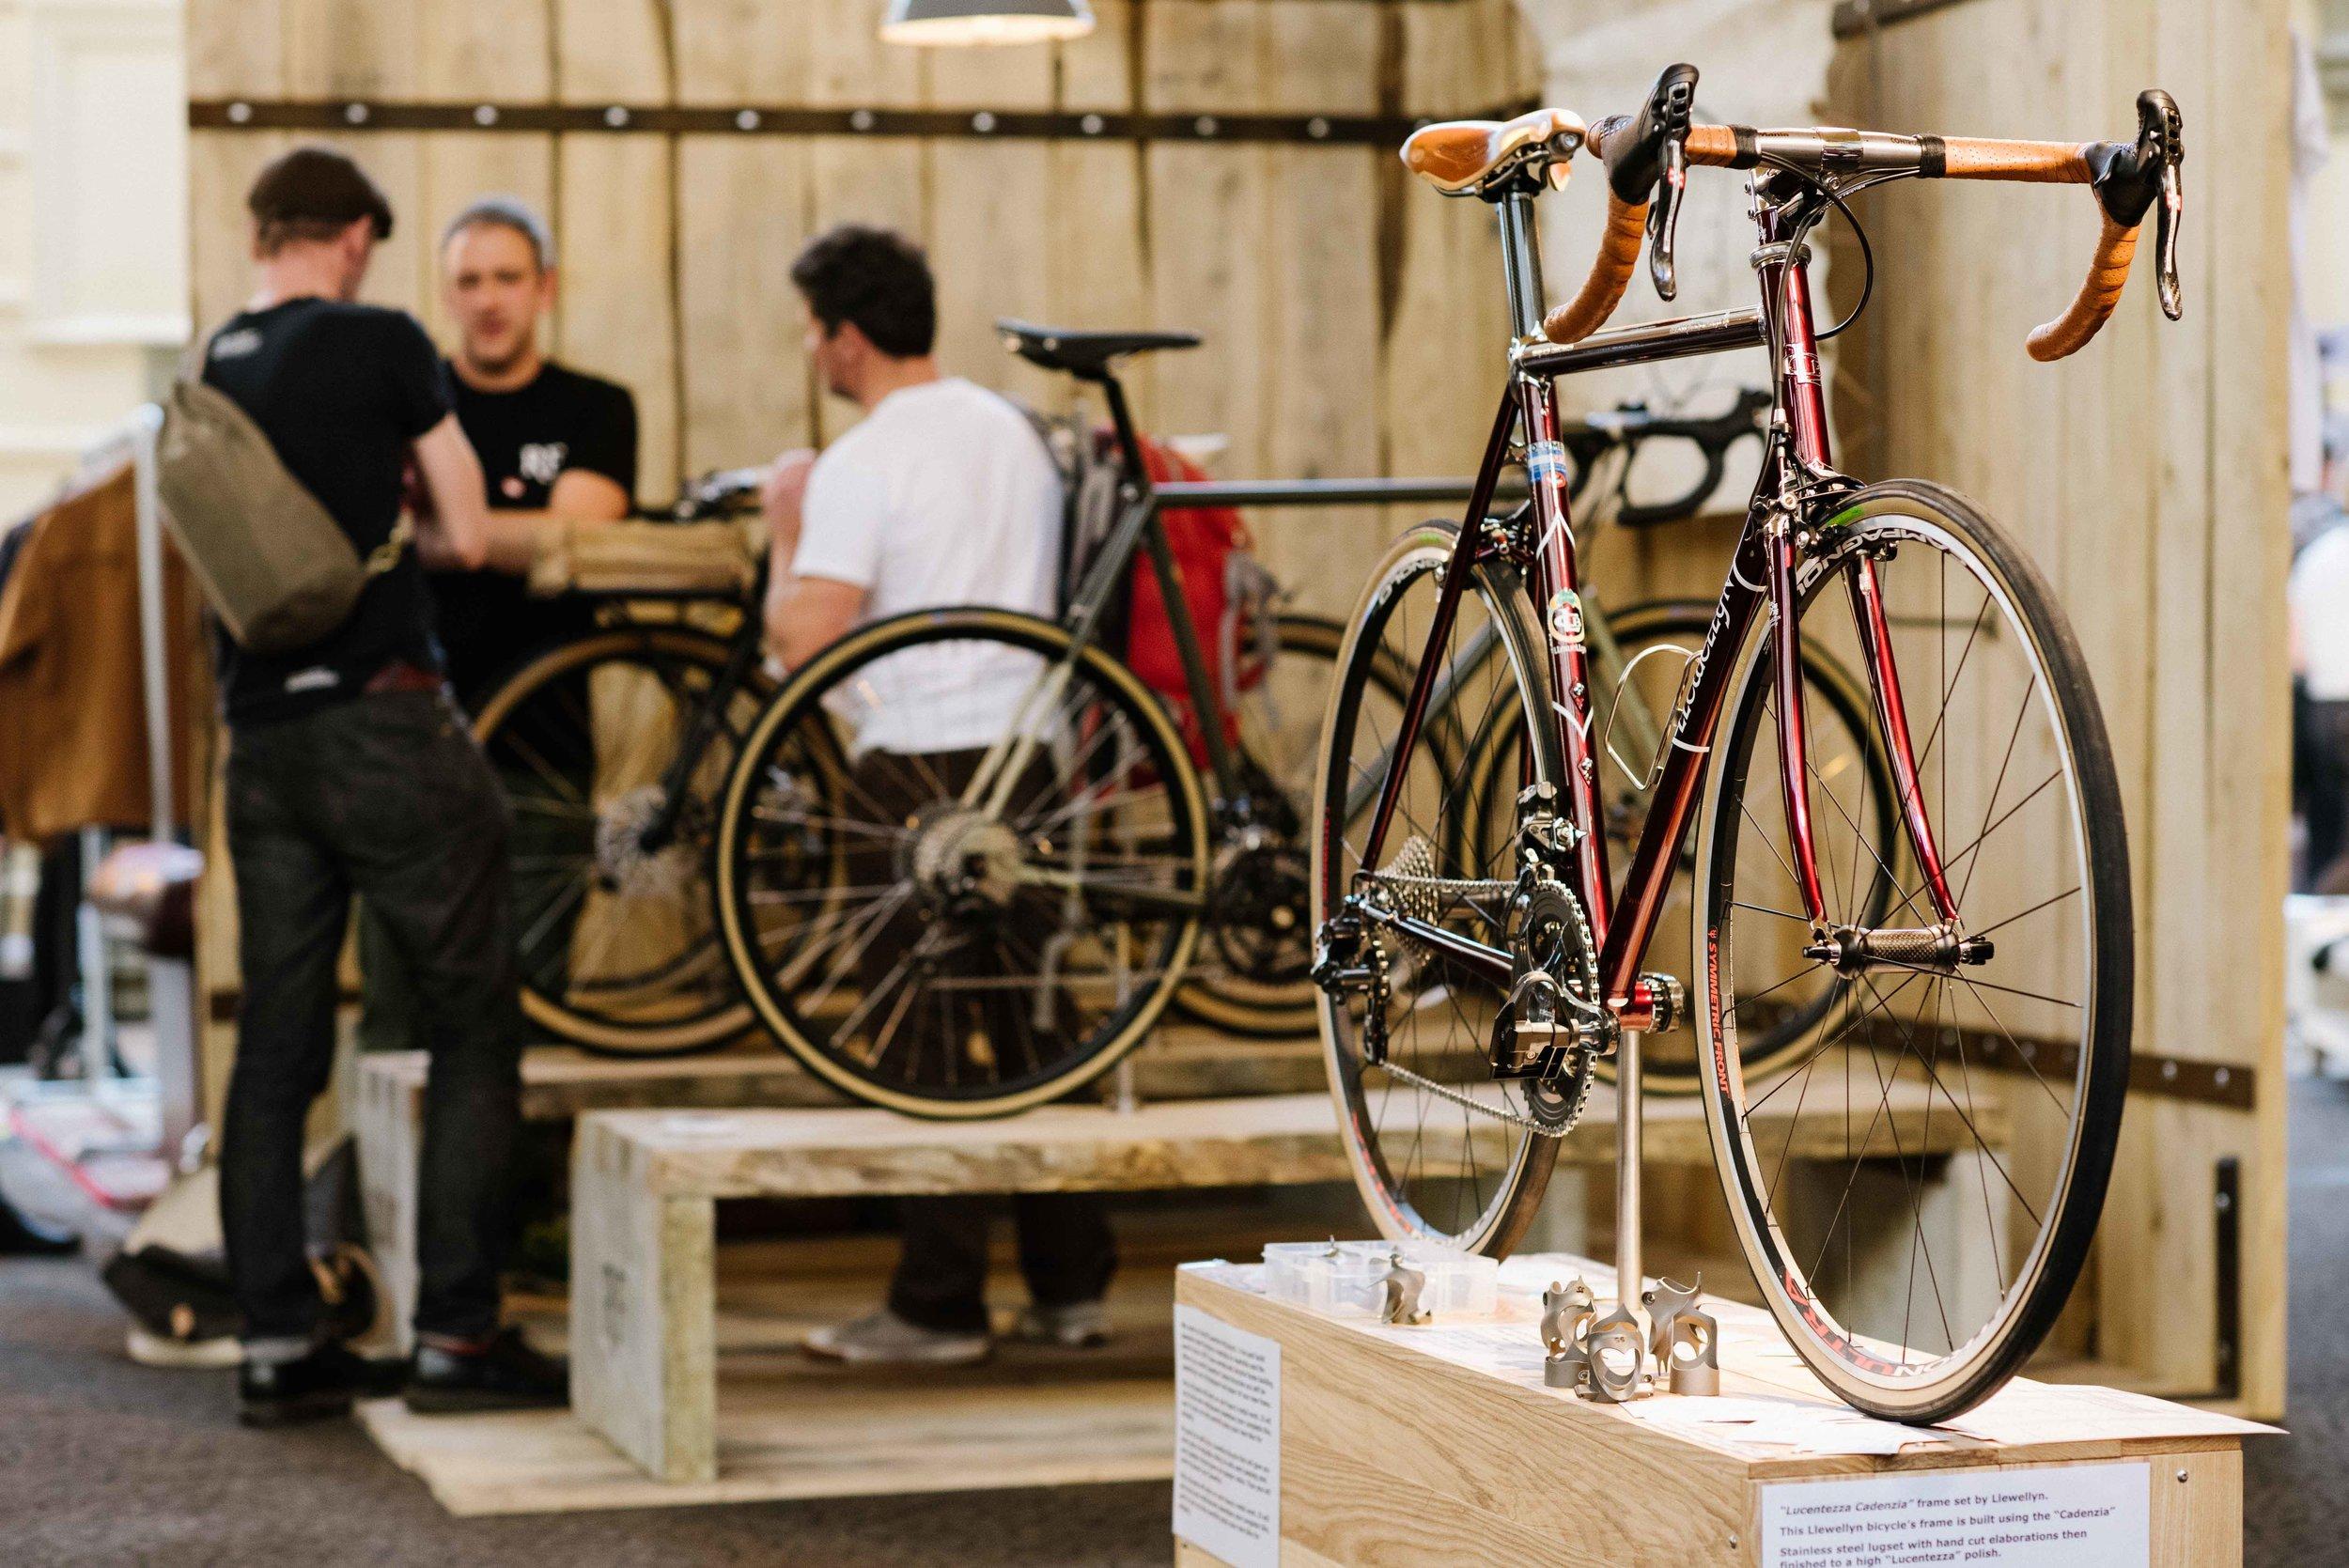 Photo courtesy of  benbroomfield.com